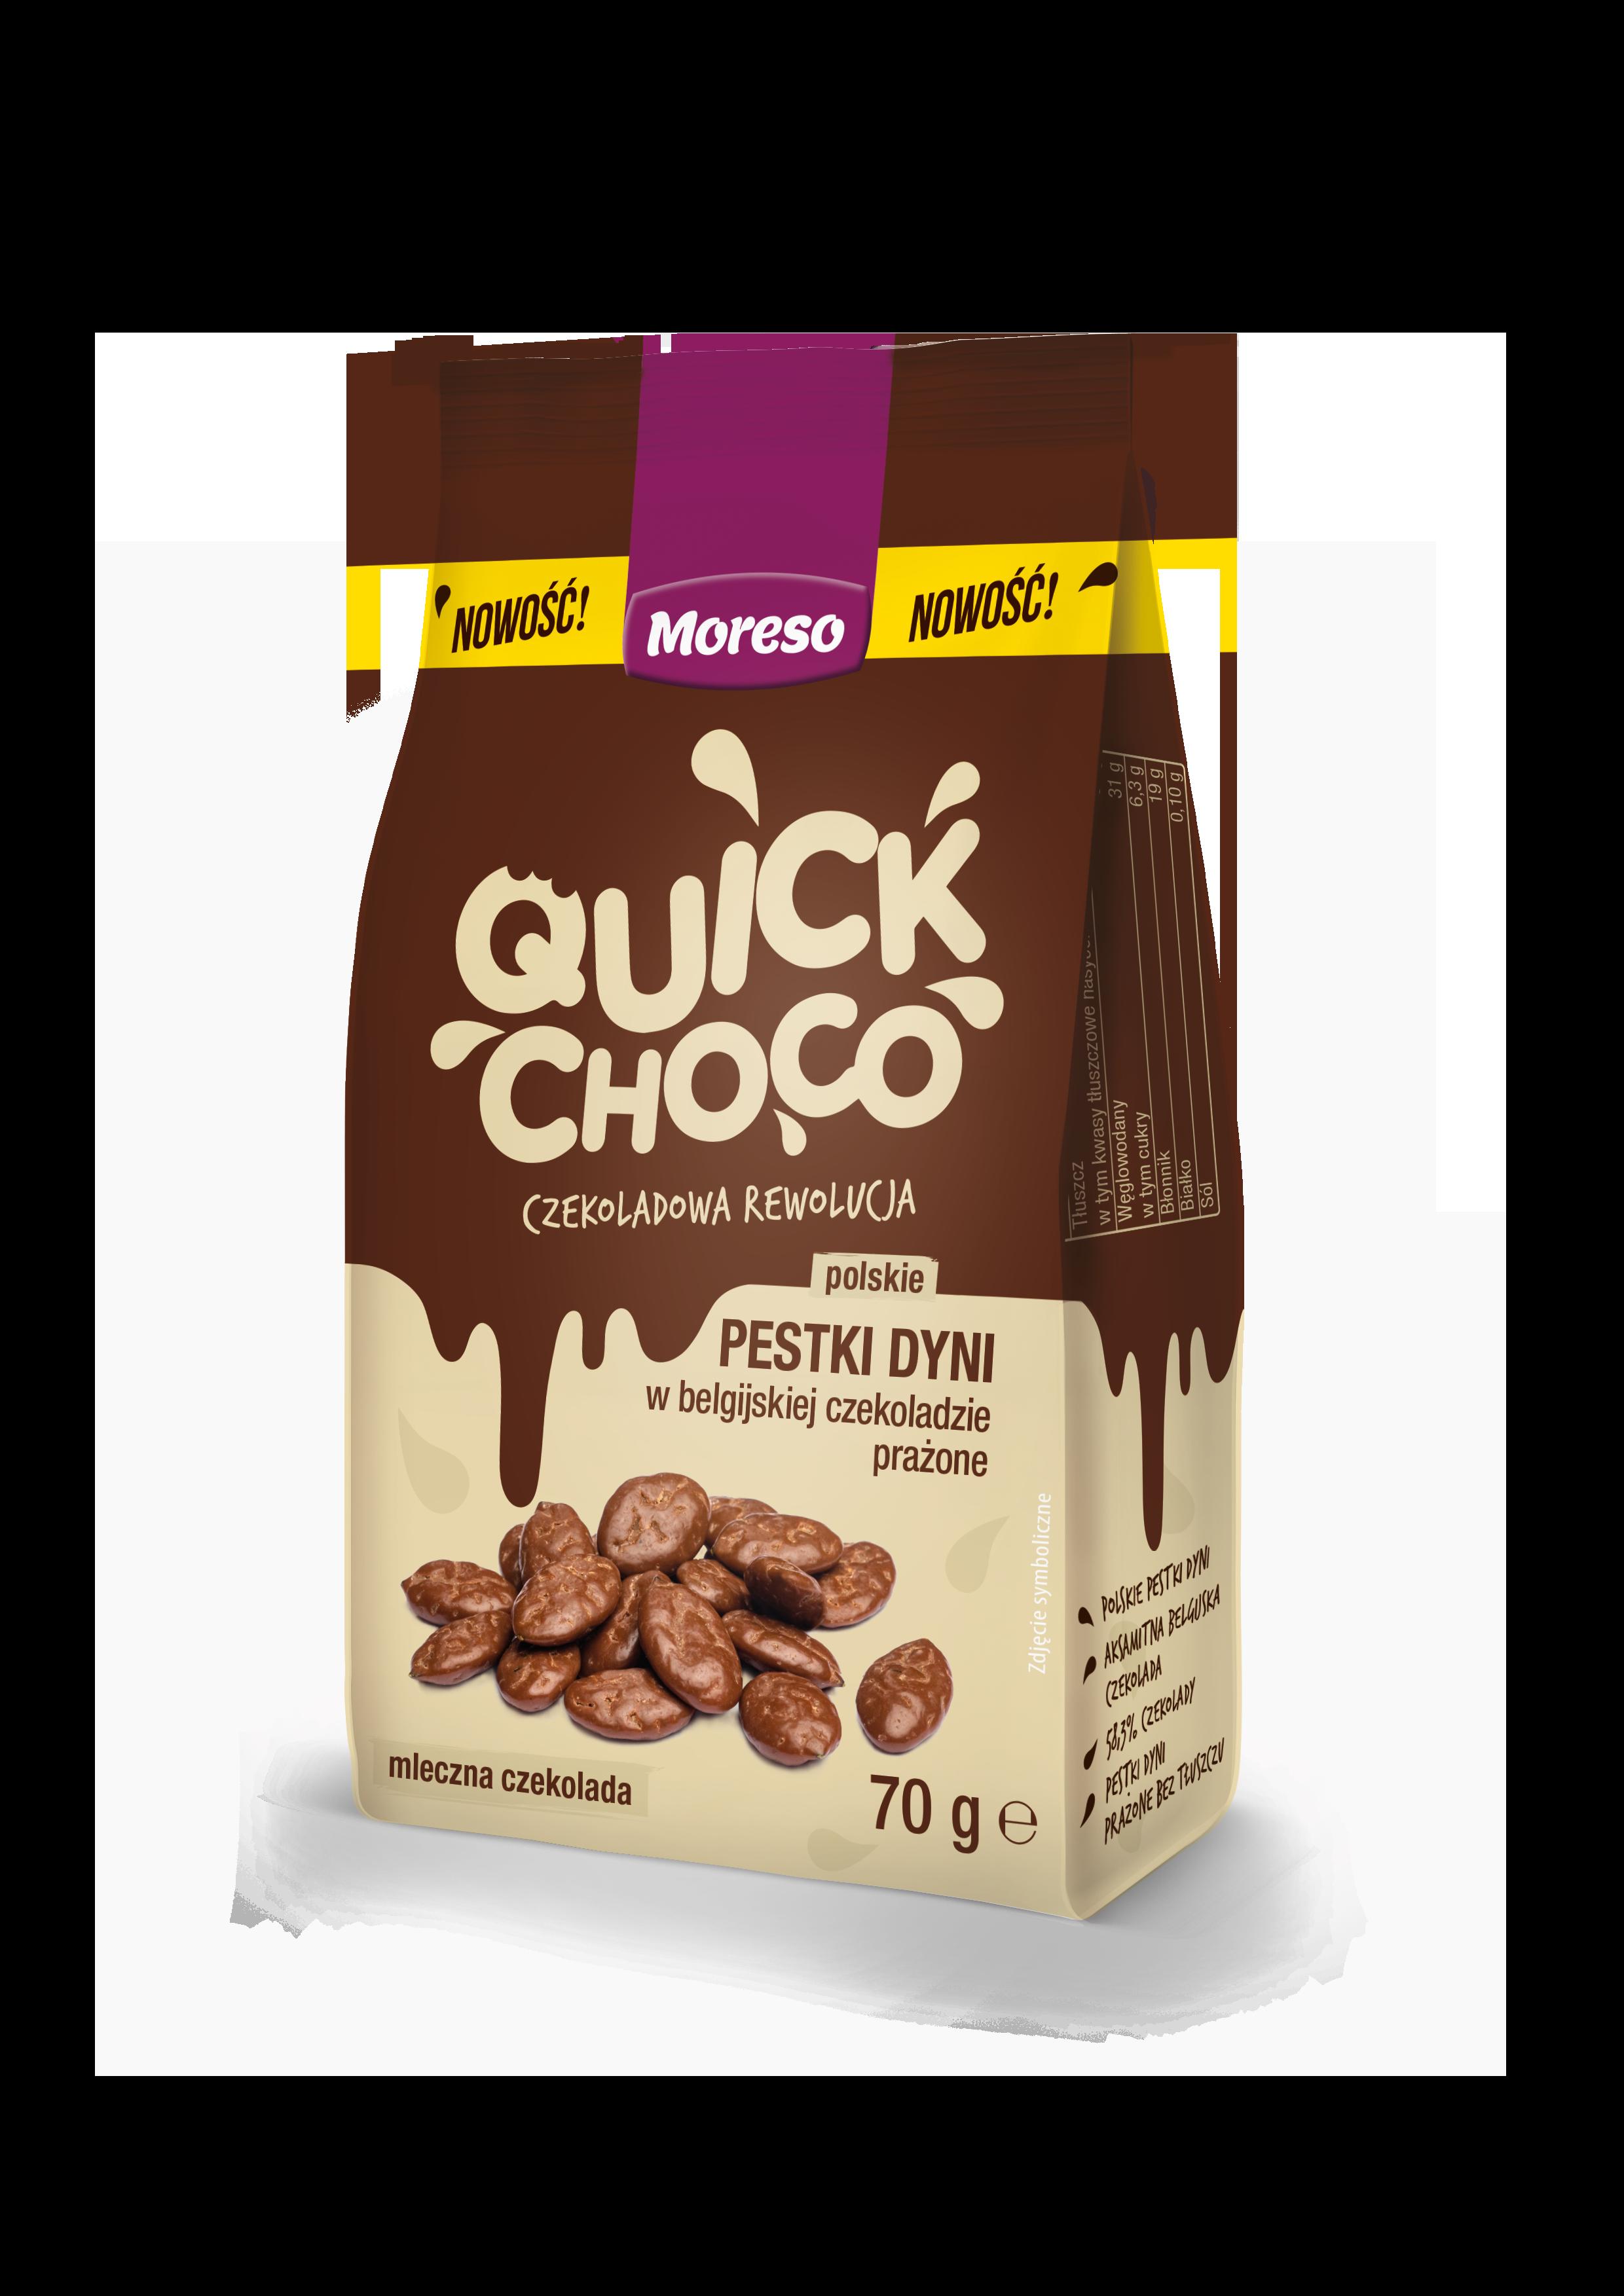 Quick Choco – polskie pestki dyni w belgijskiej czekoladzie